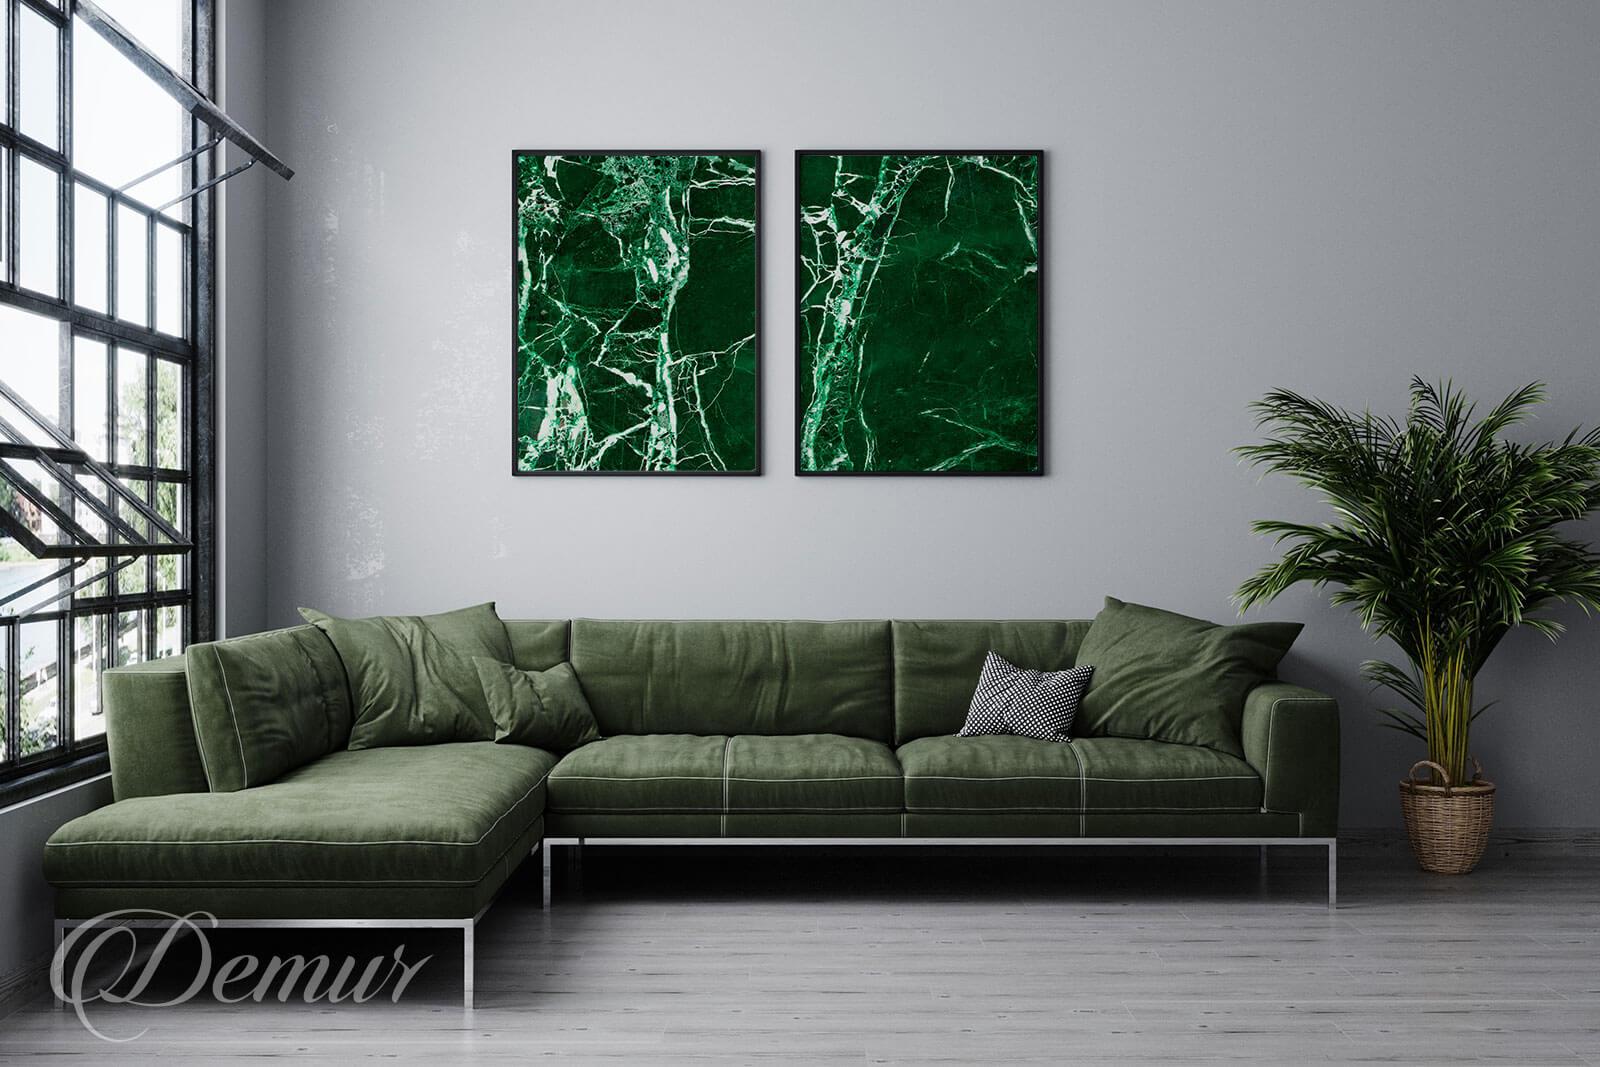 Plakat Zielona podróż - Plakaty w ramie - Demur